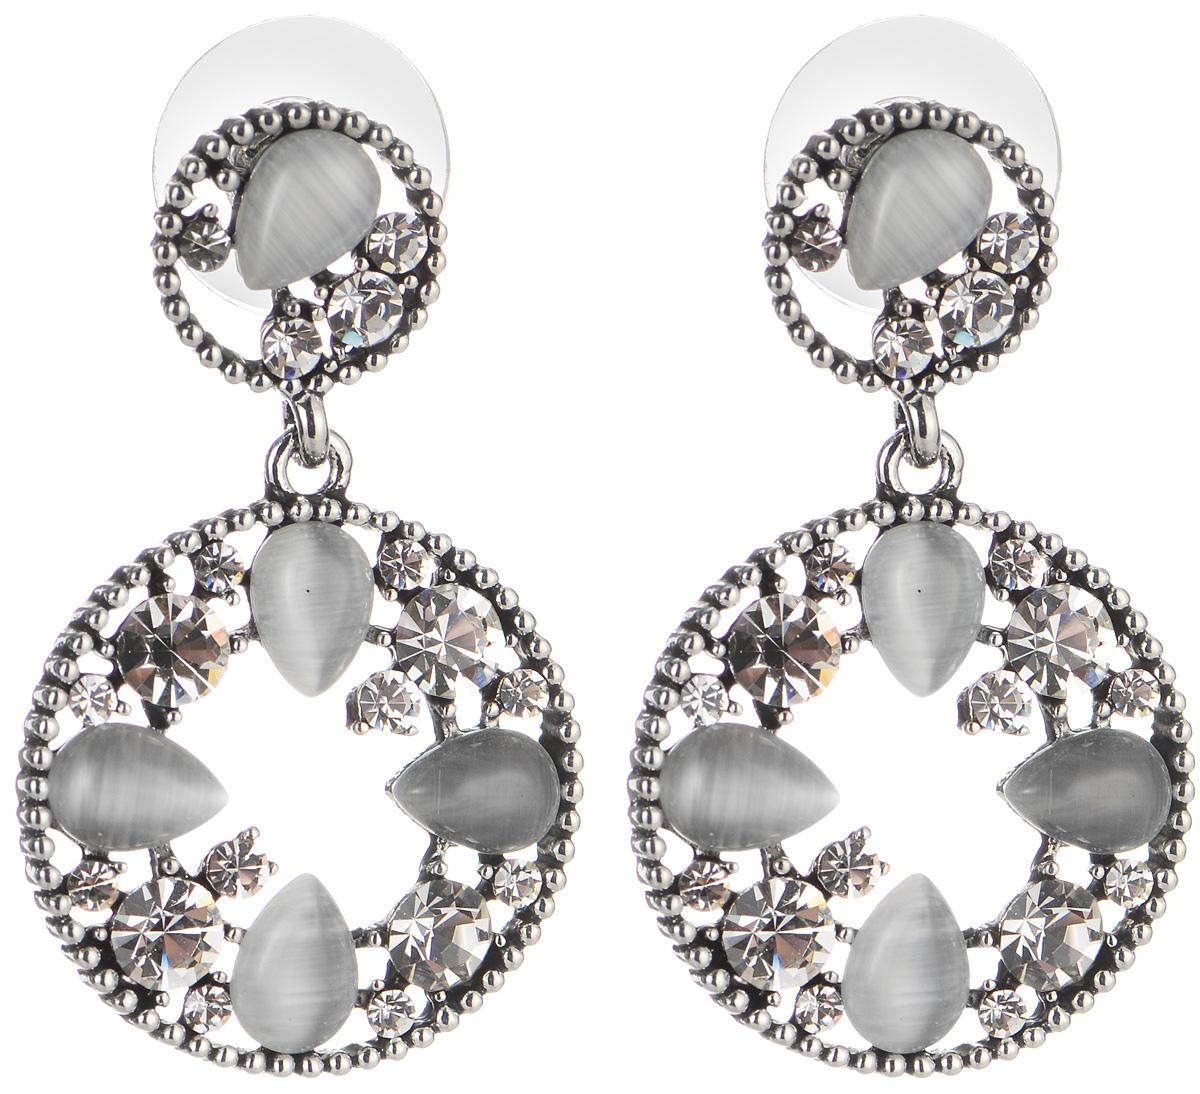 Серьги Art-Silver, цвет: серебряный, серый. 29663-1-75529663-1-755Элегантные серьги Art-Silver, выполненные из бижутерийного сплава, с легкостью завершат ваш образ. Серьги дополнены подвесками, которые инкрустированы цирконами натуральными камнями. В качестве основы украшения использован замок-гвоздик. Серьги современного дизайна придадут вашему образу изюминку, подчеркнут красоту и изящество вечернего платья или преобразят повседневный наряд.